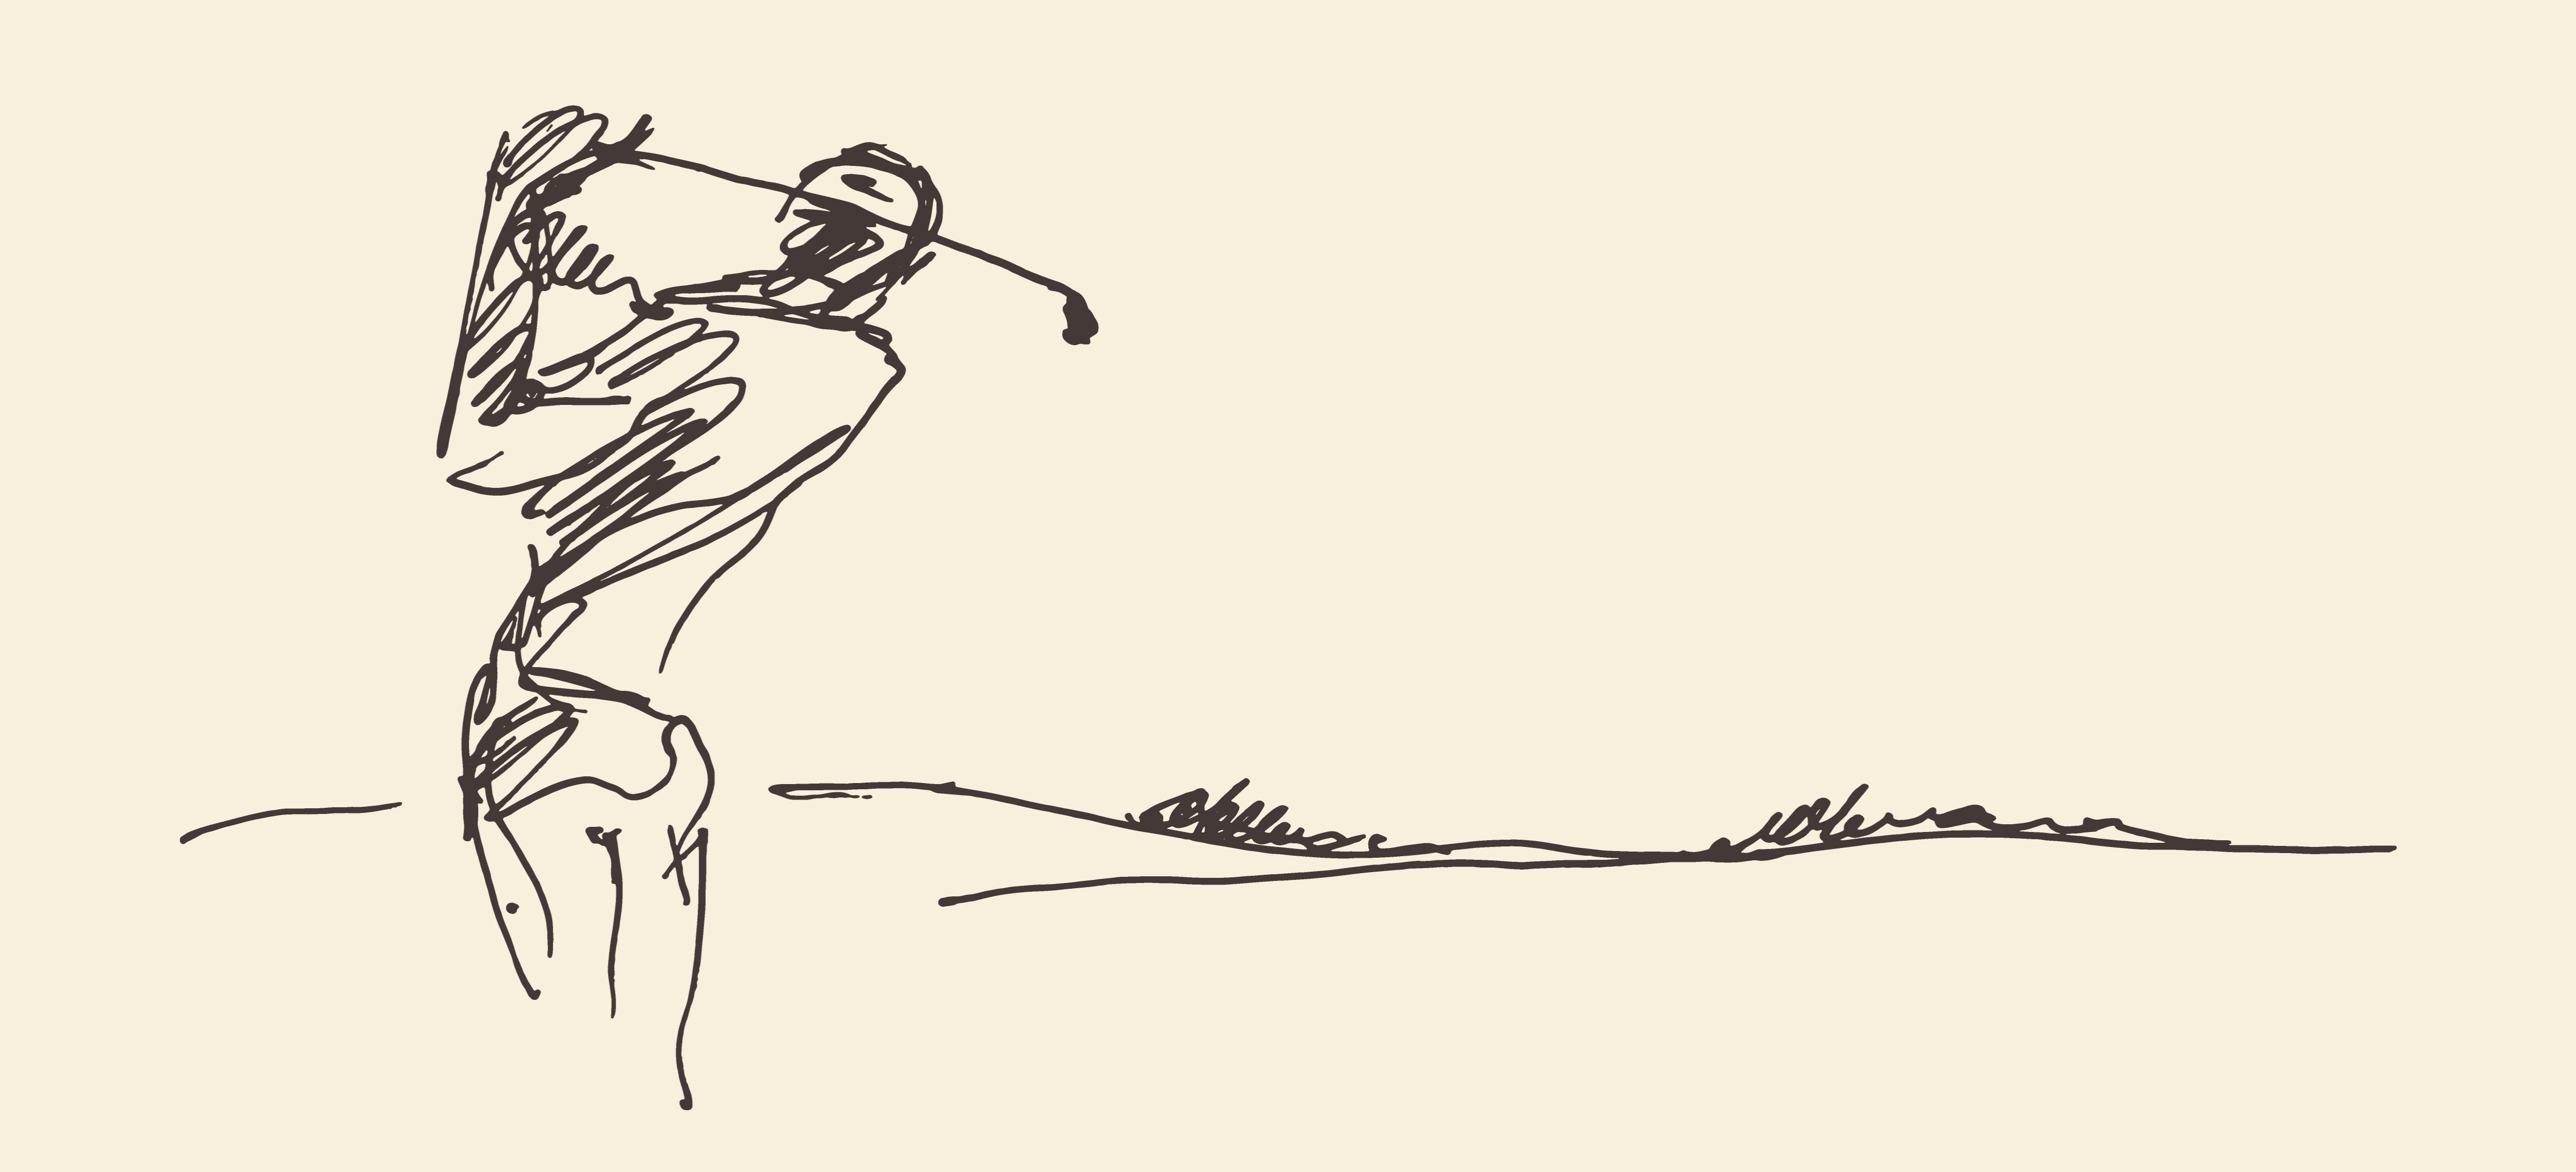 Golfe ou a vida